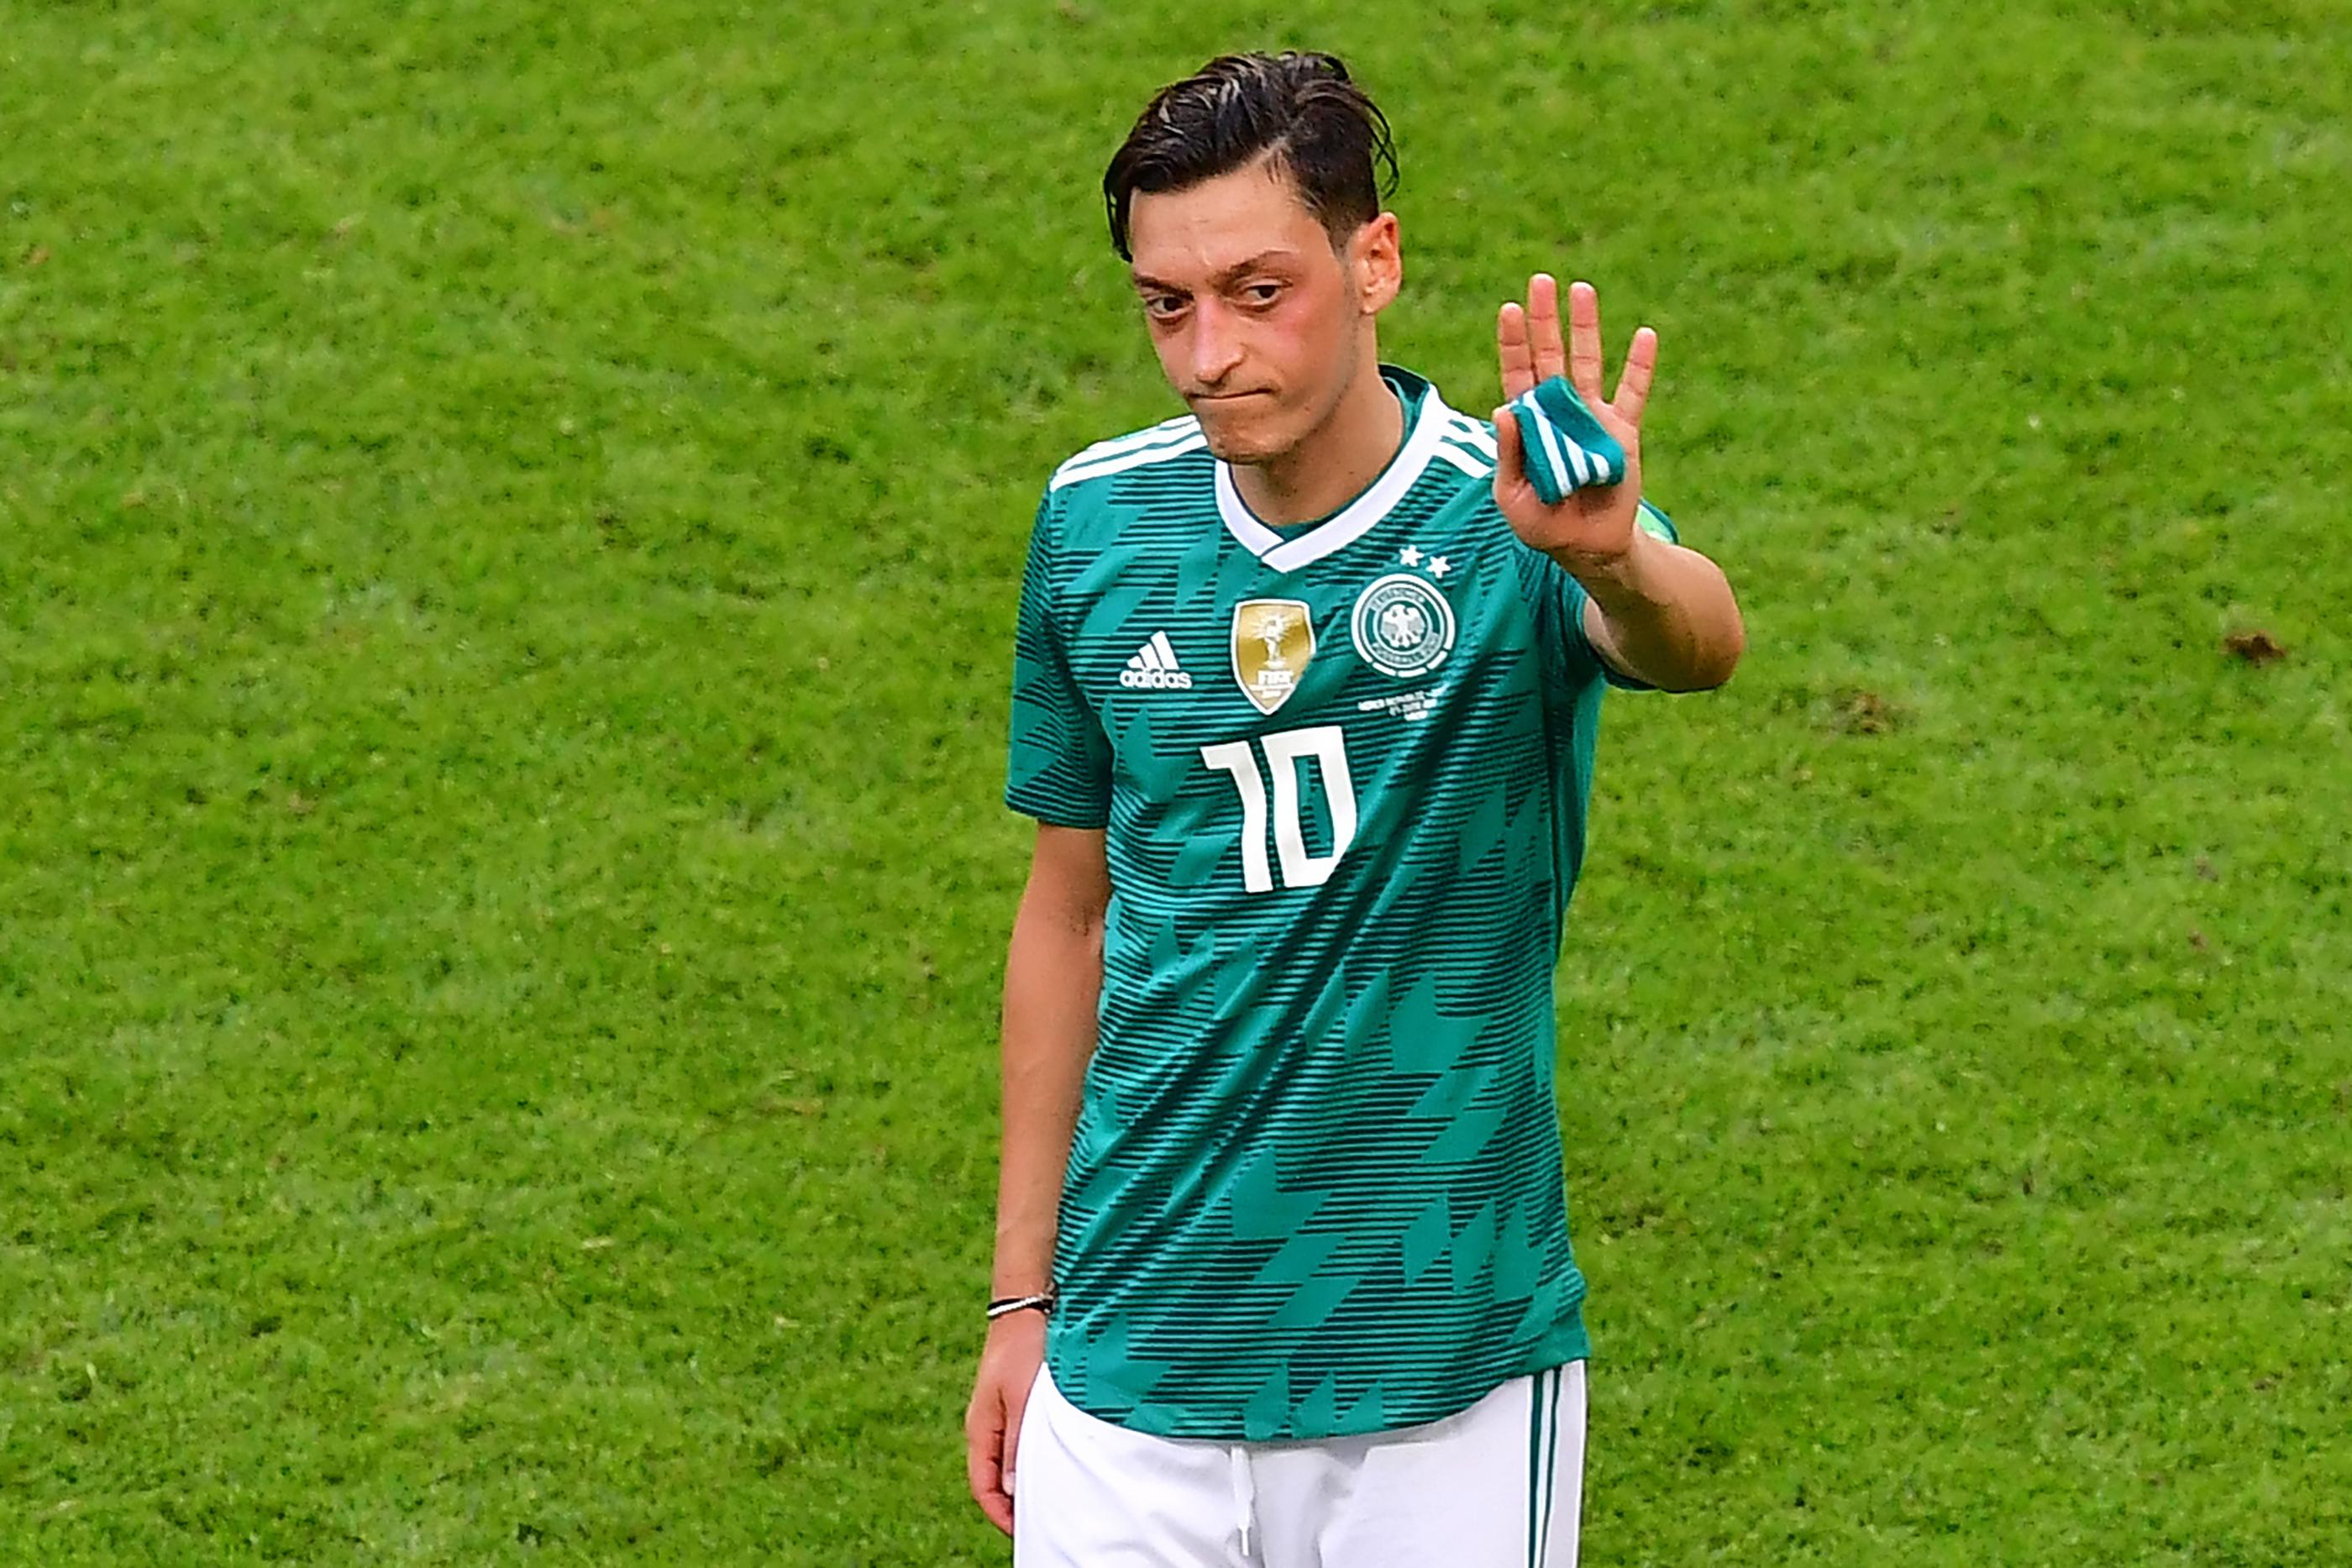 A német igazságügyi miniszter riasztónak tartja, hogy Özil a rasszizmus miatt távozik, a török miniszter gratulált neki, a Bayern München elnöke szerint nem baj, úgyis szarul játszott